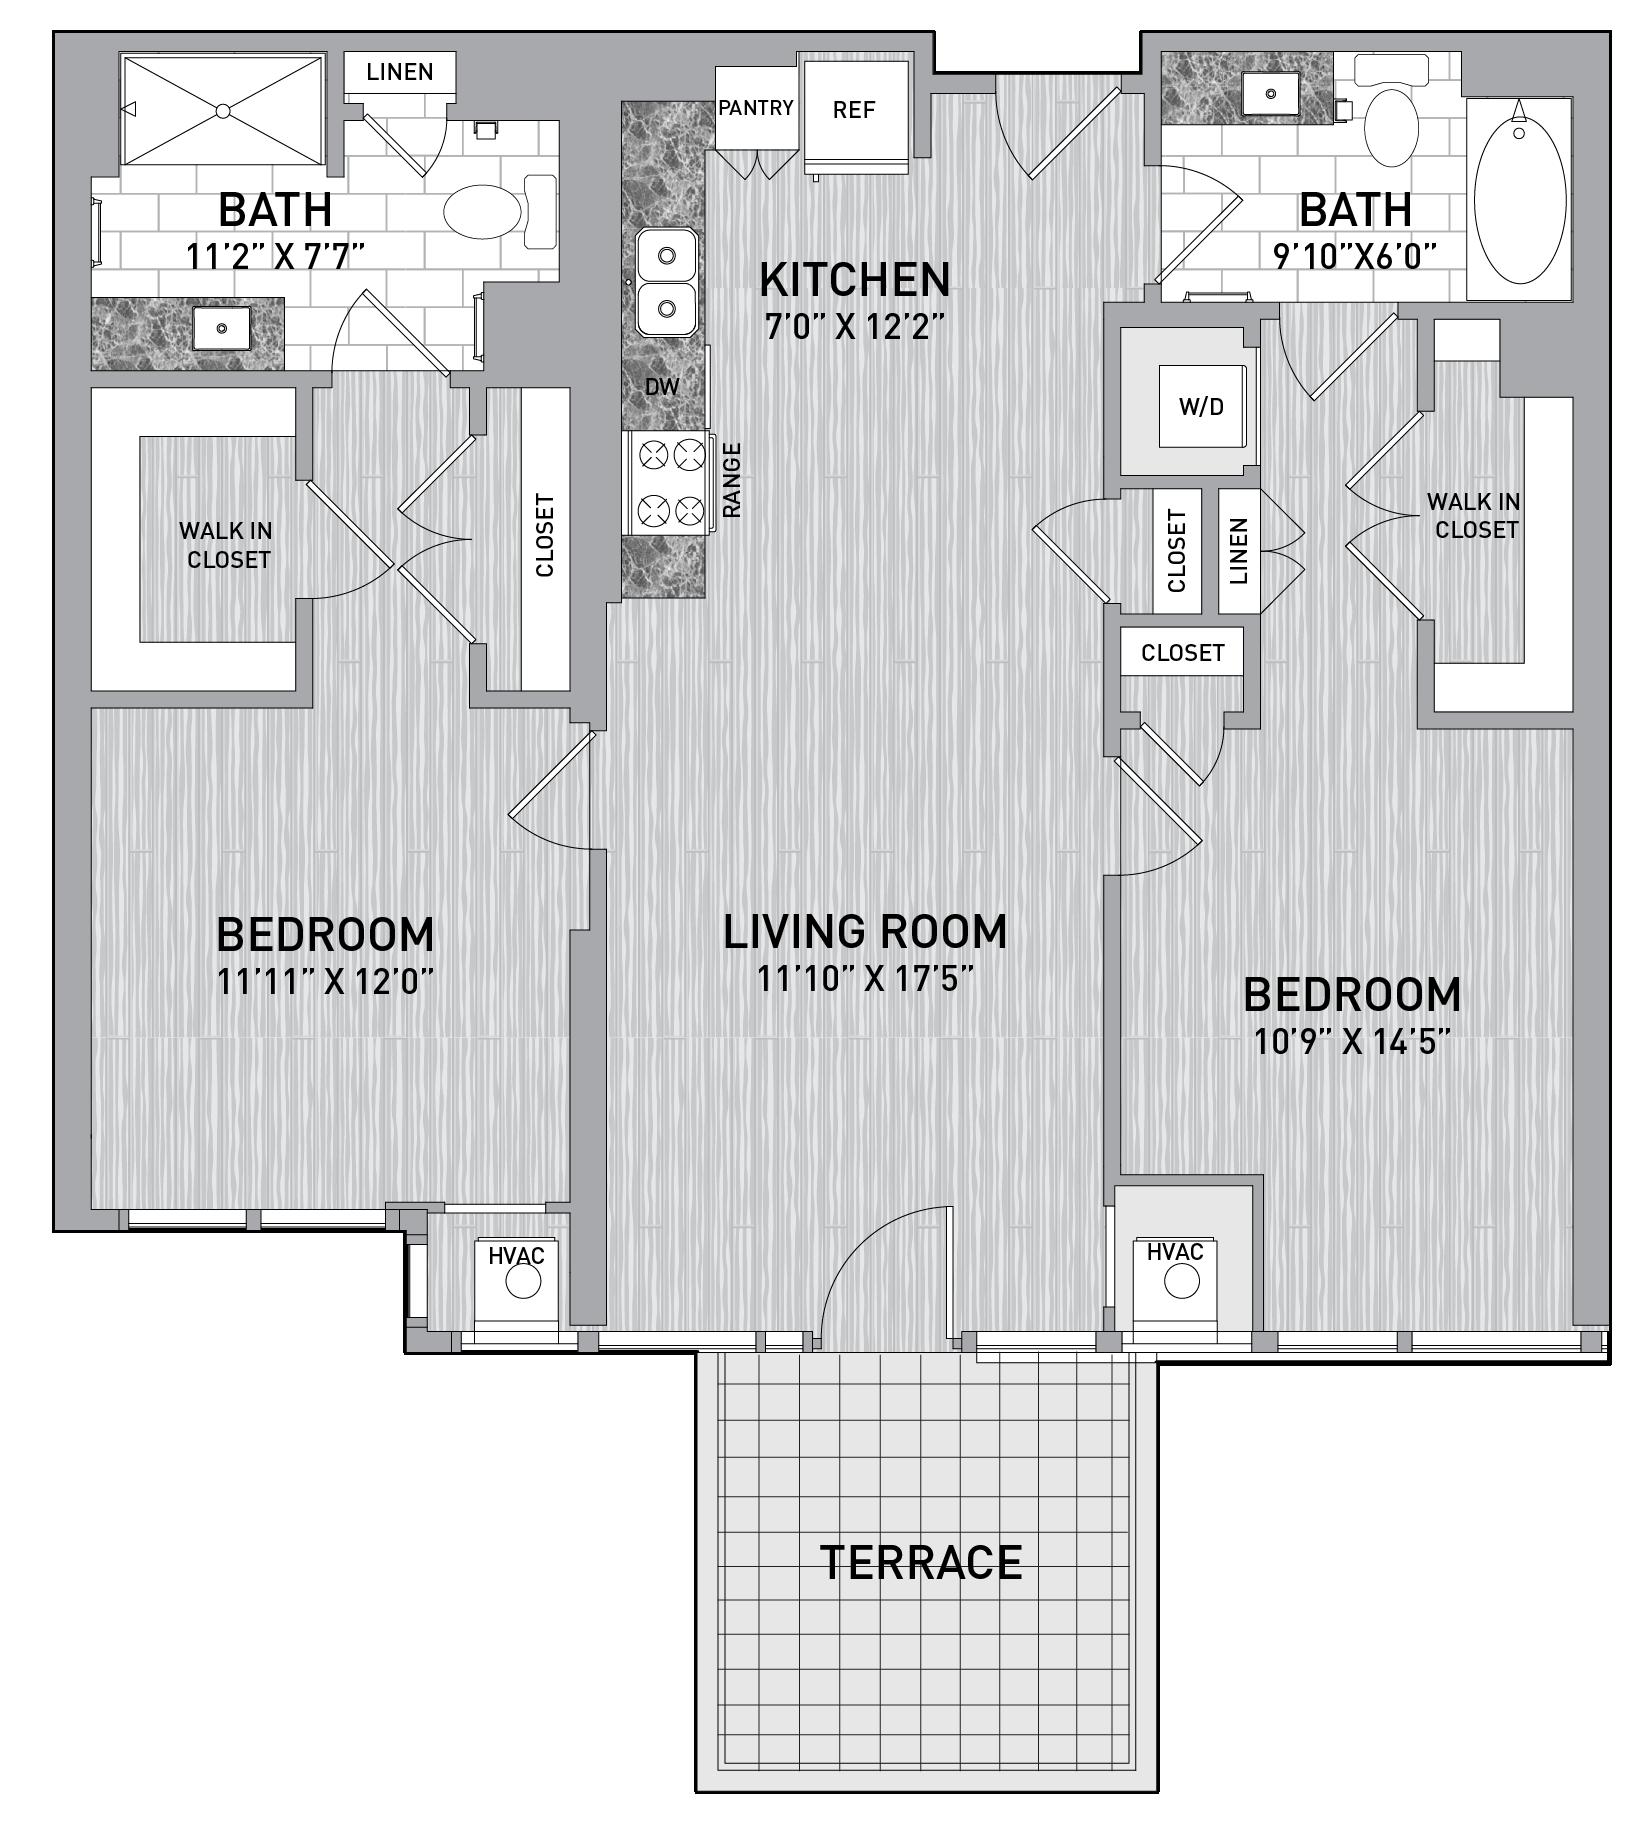 floorplan image of unit id 0218